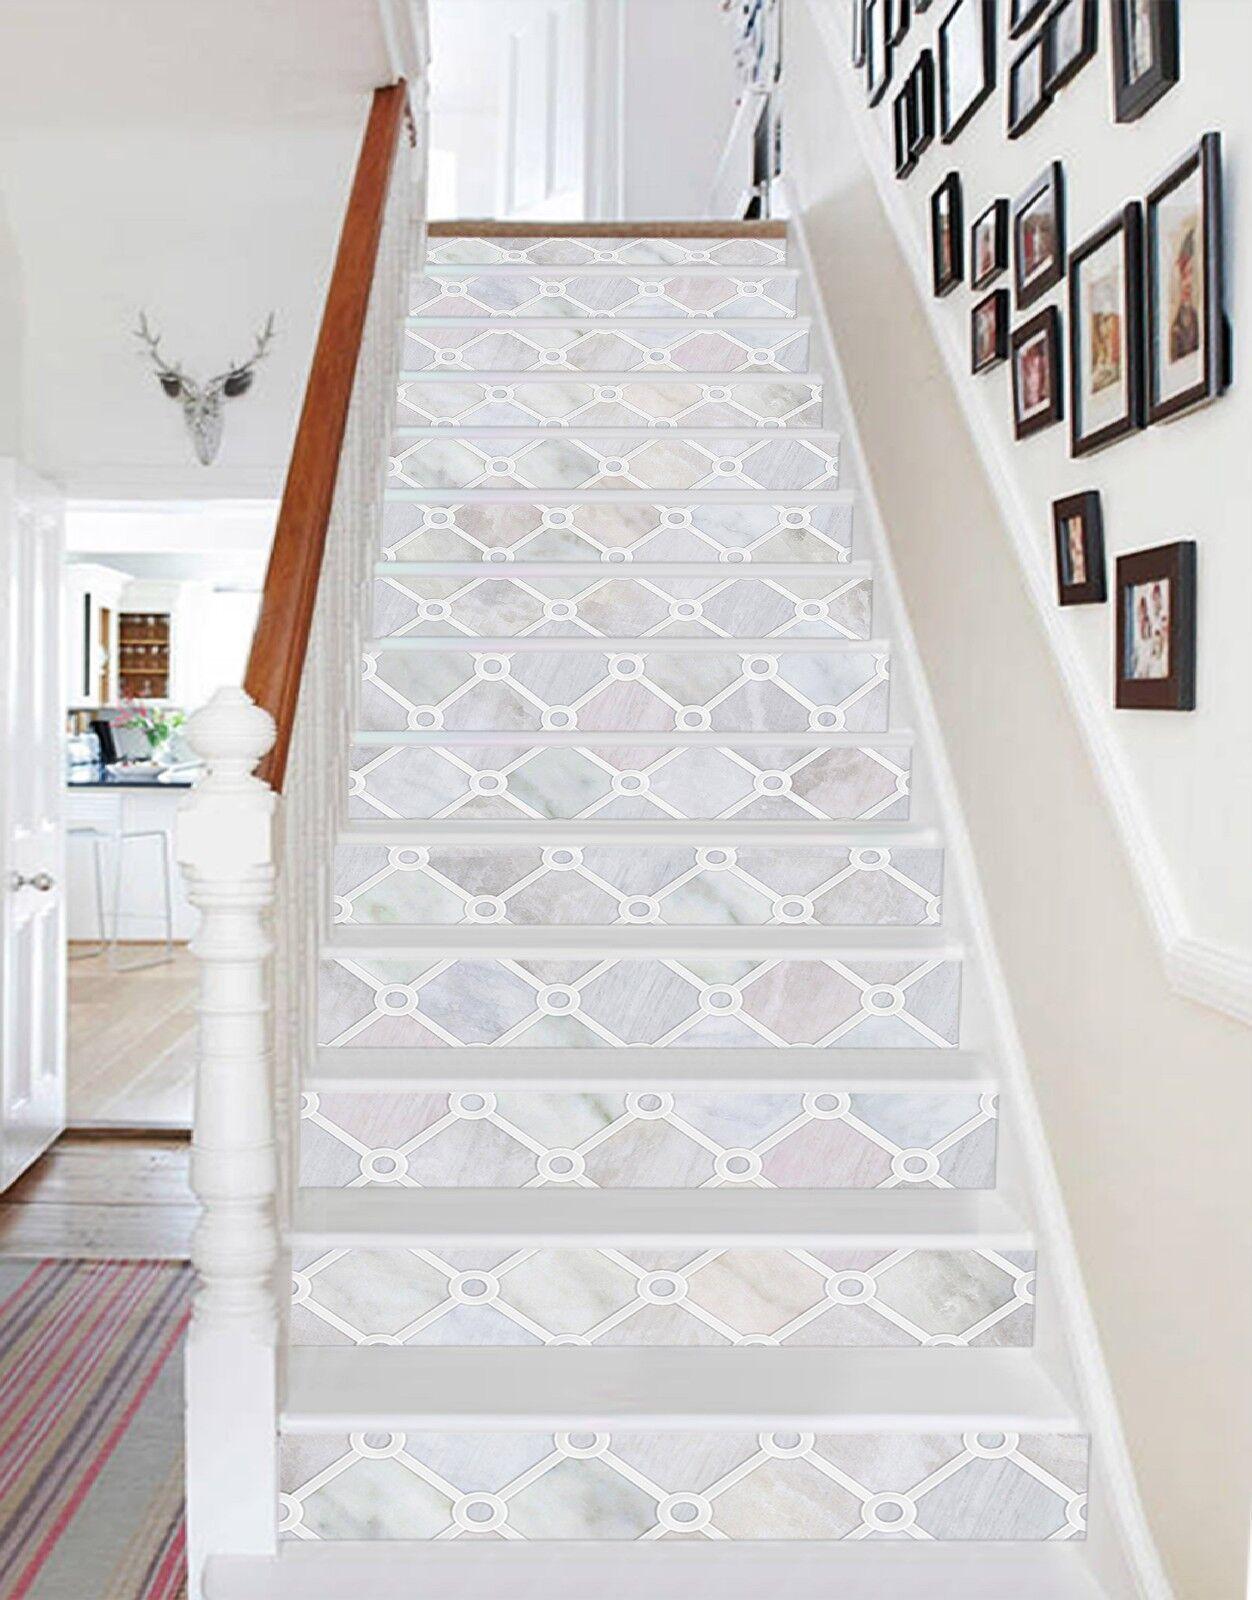 3D Kieselsteine 74 Fliese Marmor Stair Risers Fototapete Vinyl Aufkleber Tapete